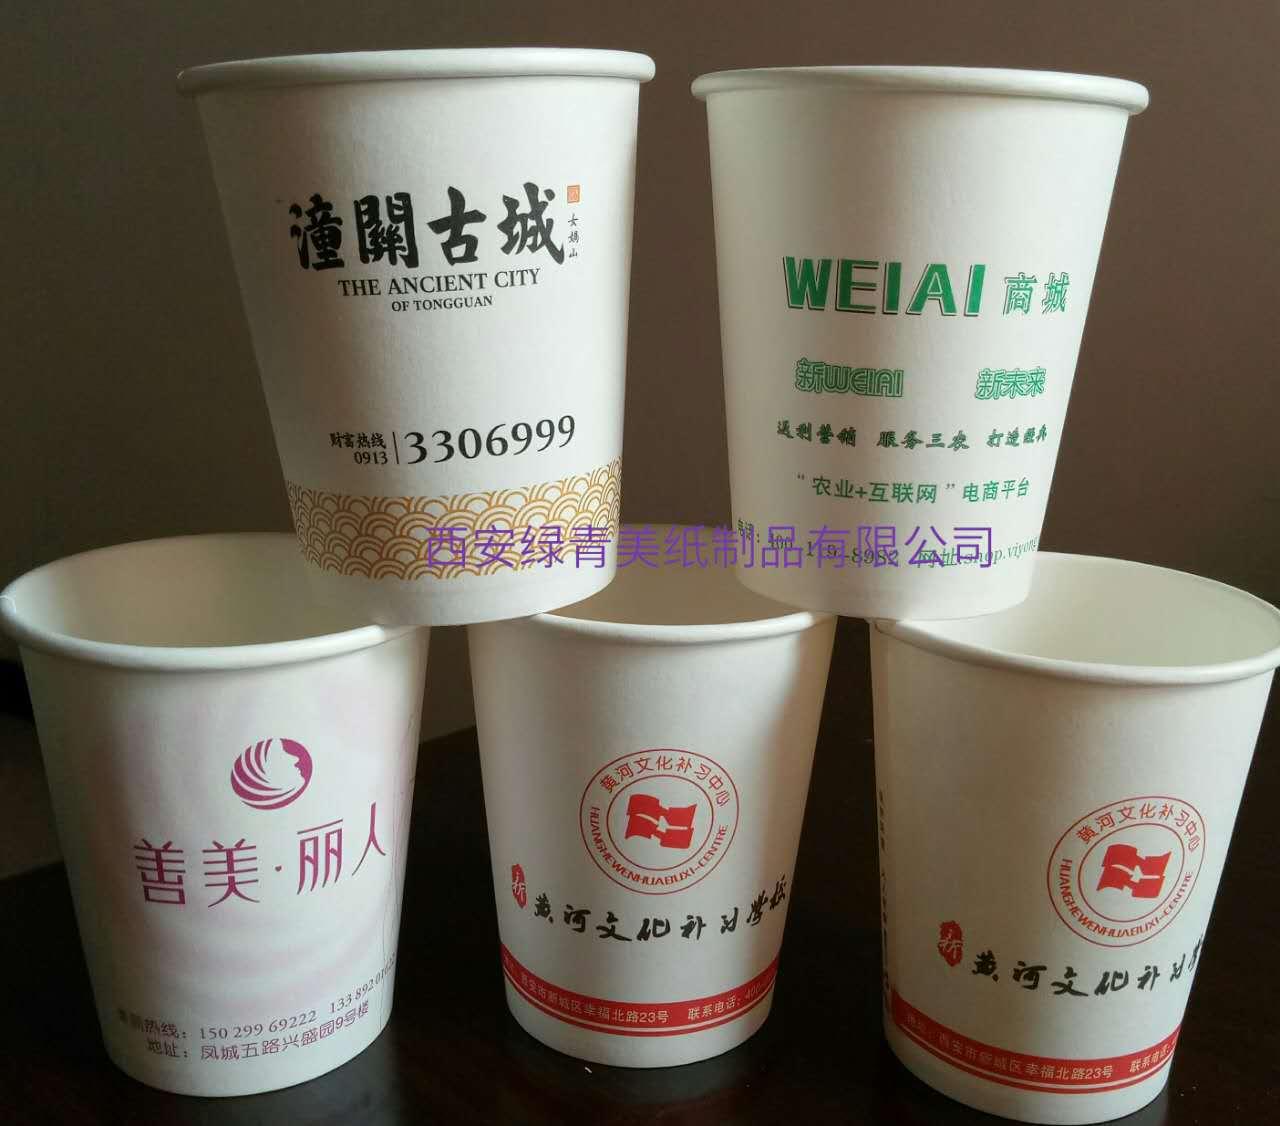 绿青美西安纸杯纸碗厂家供应兰州纸杯纸碗银川广告纸杯厂家